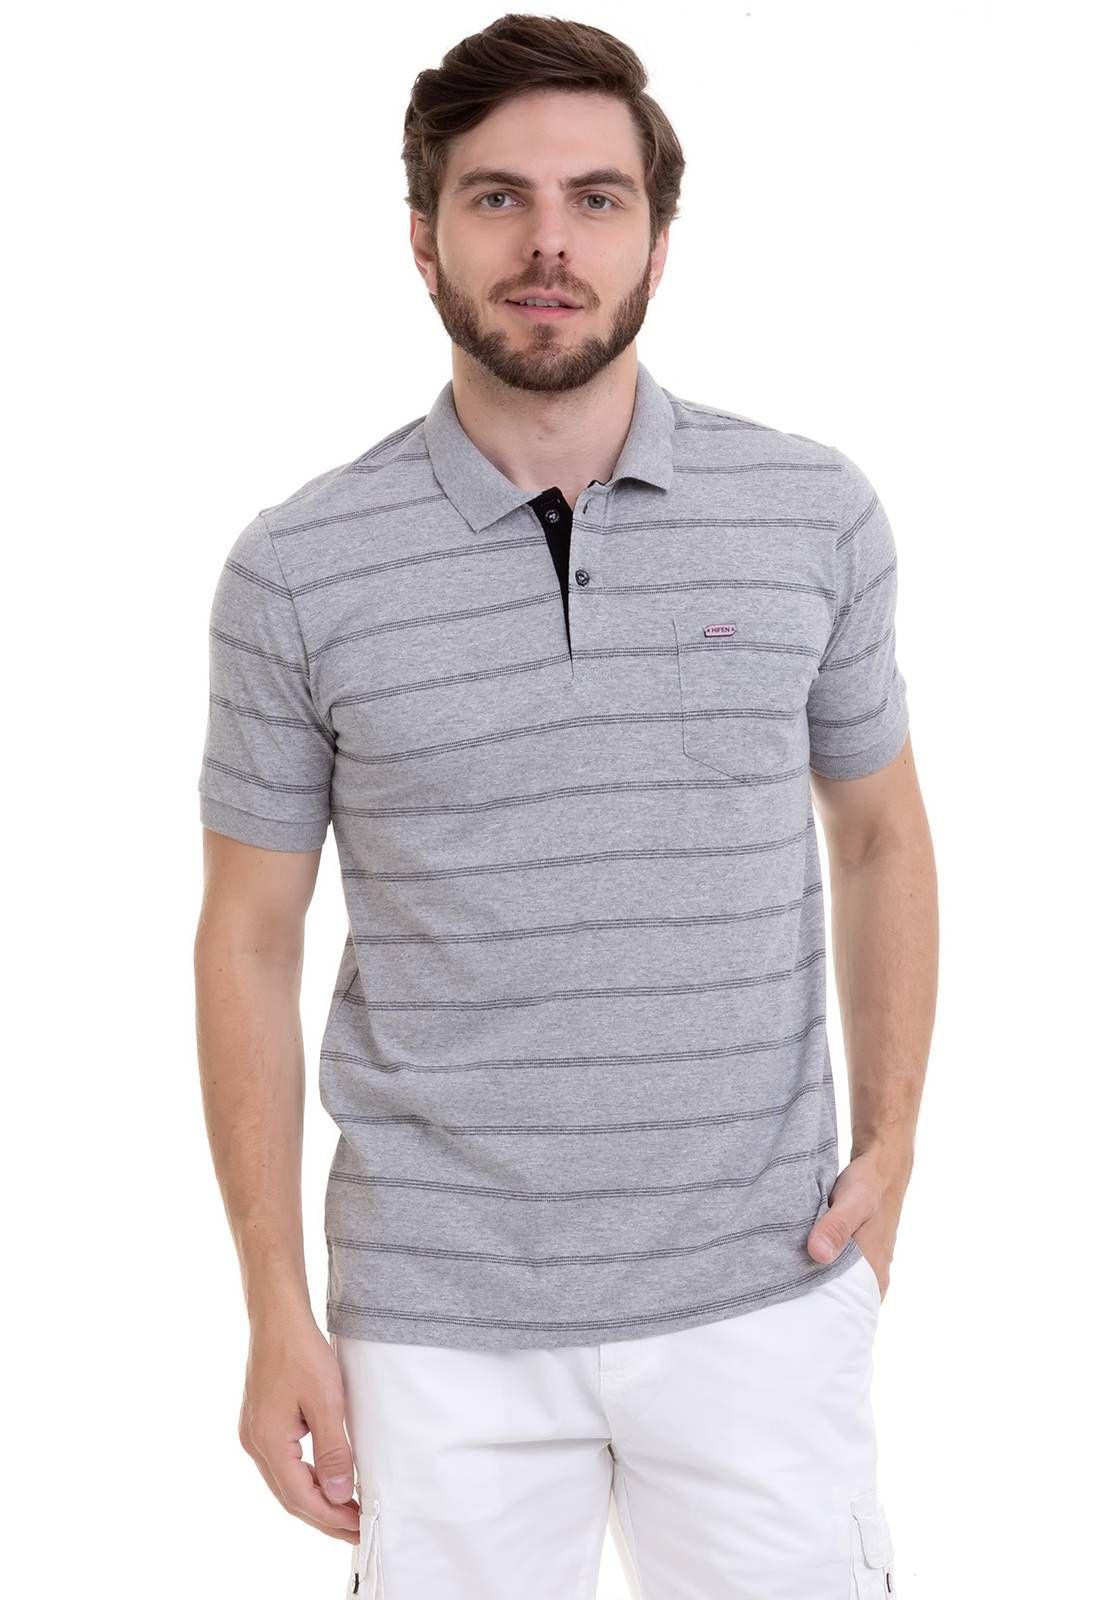 Camisa Polo com bolso Listras Discretas .